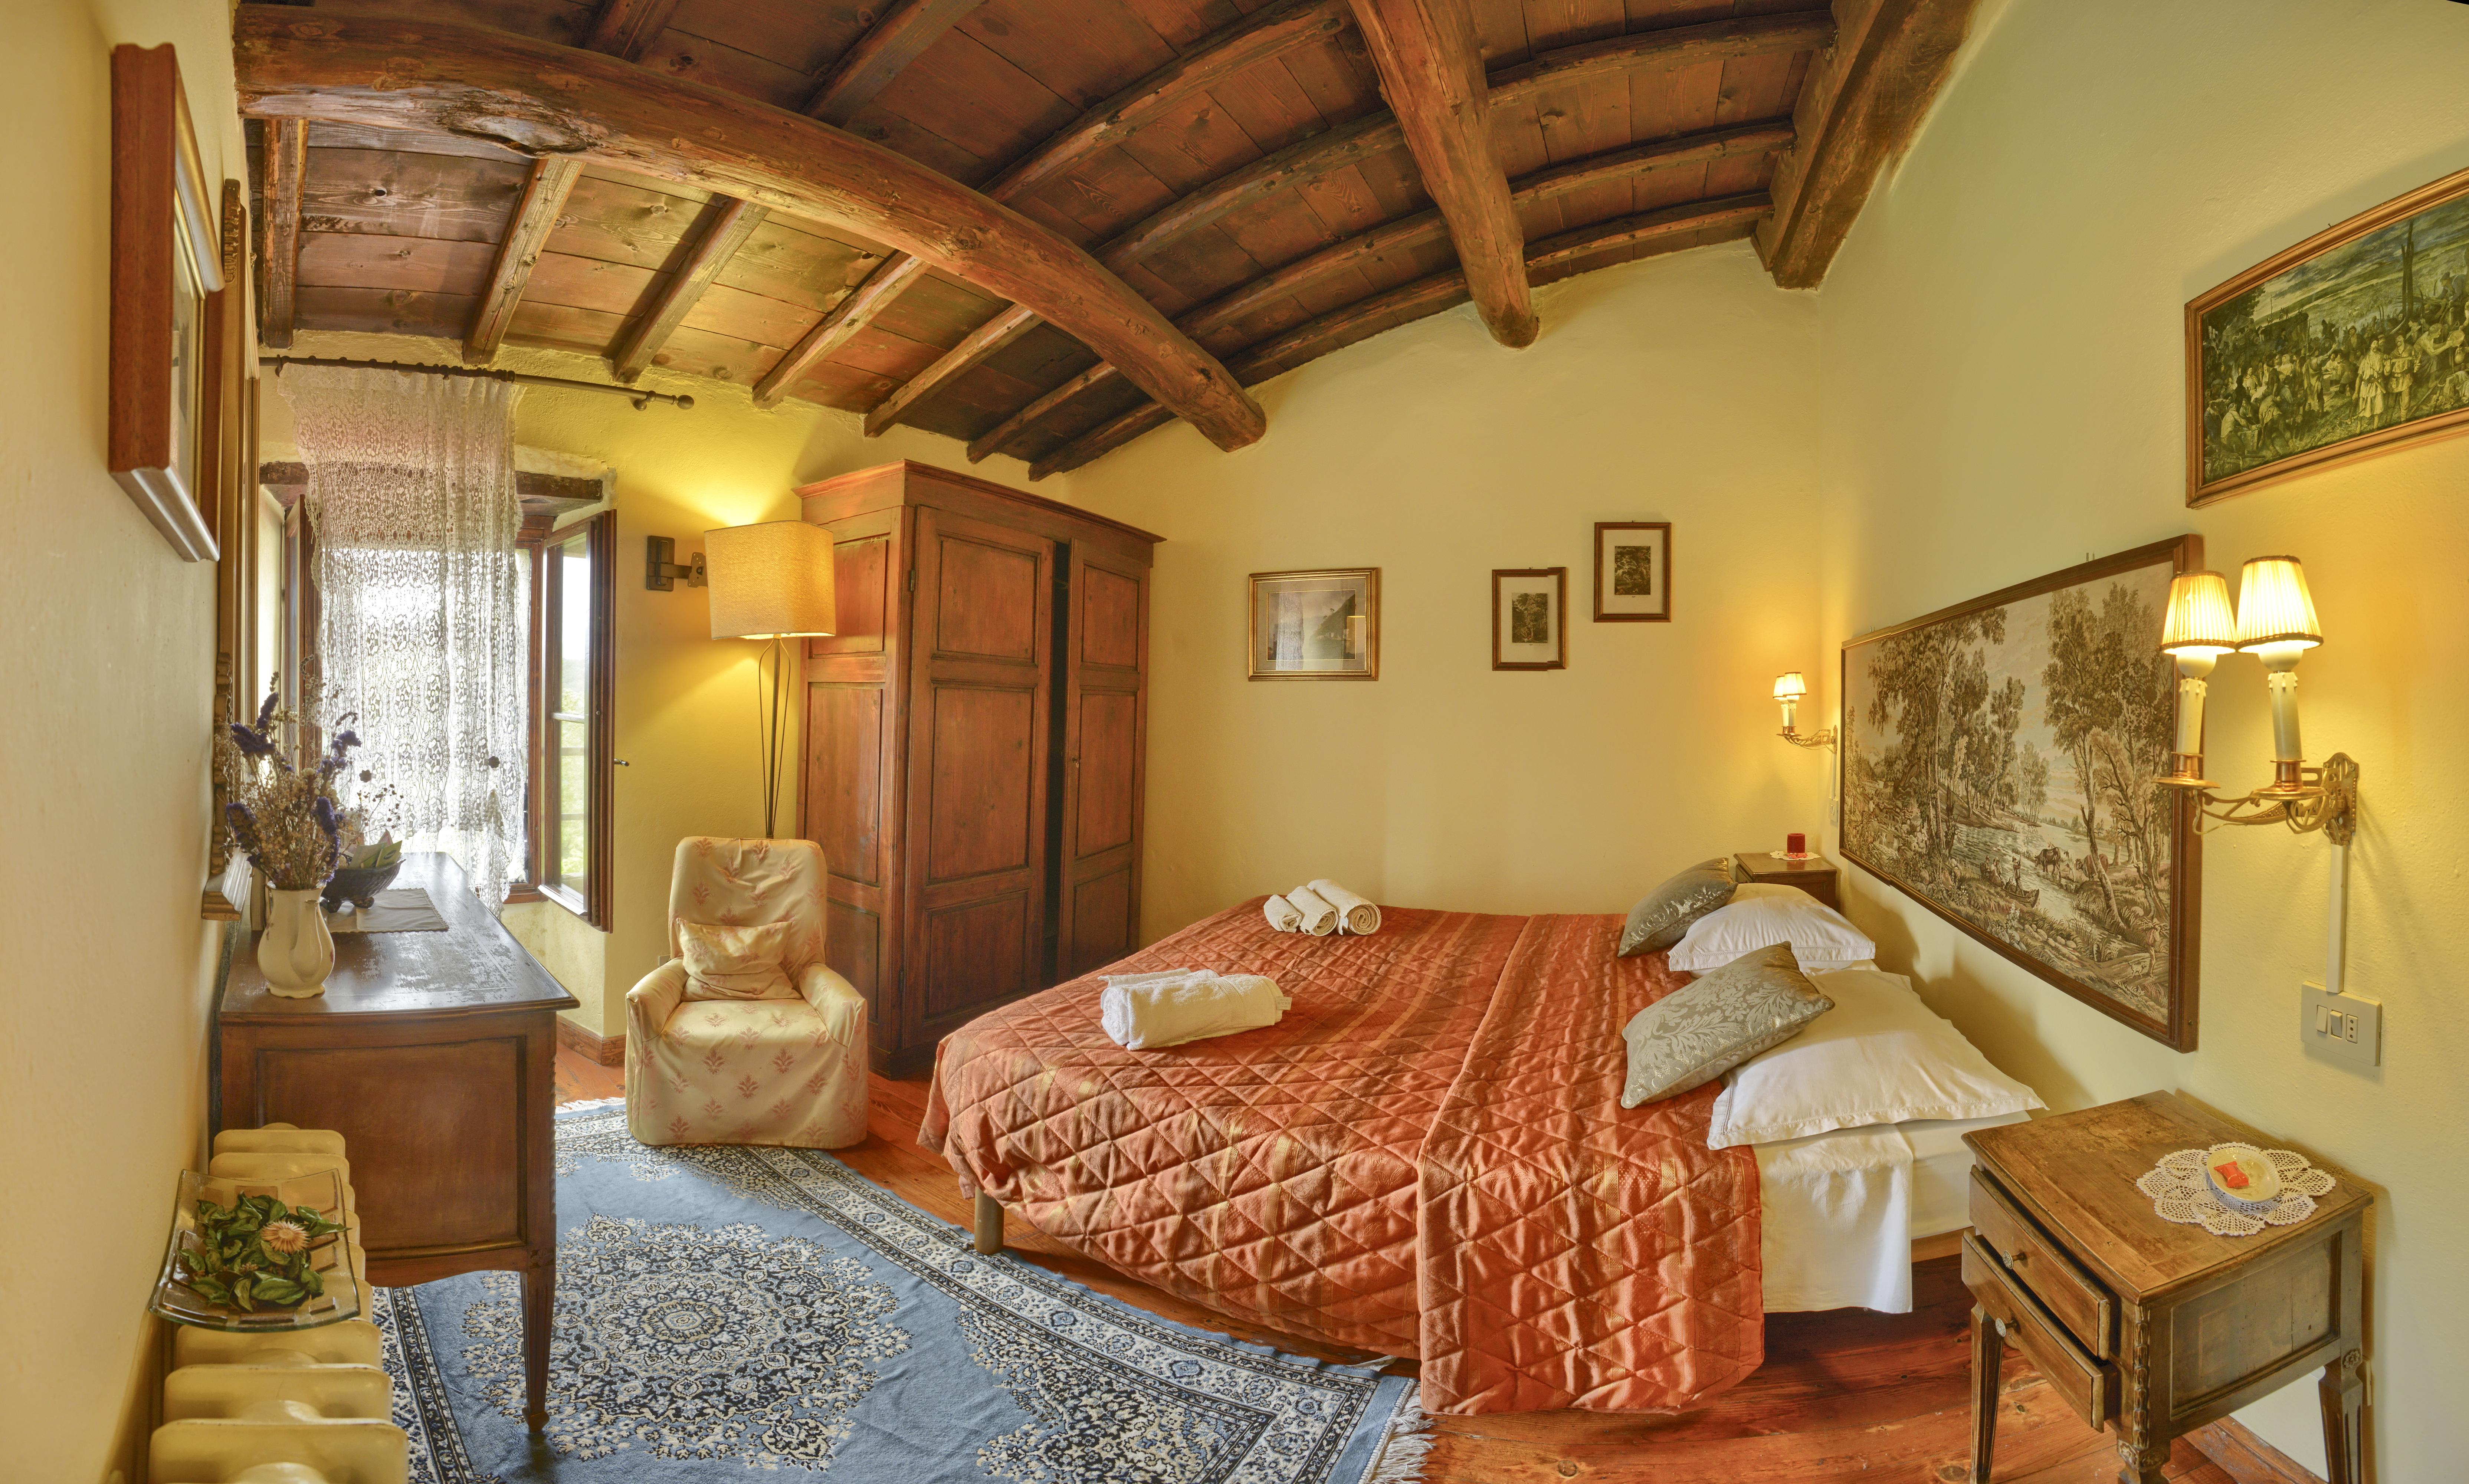 3 Settimane in Toscana in Camera o Piccolo Rustico